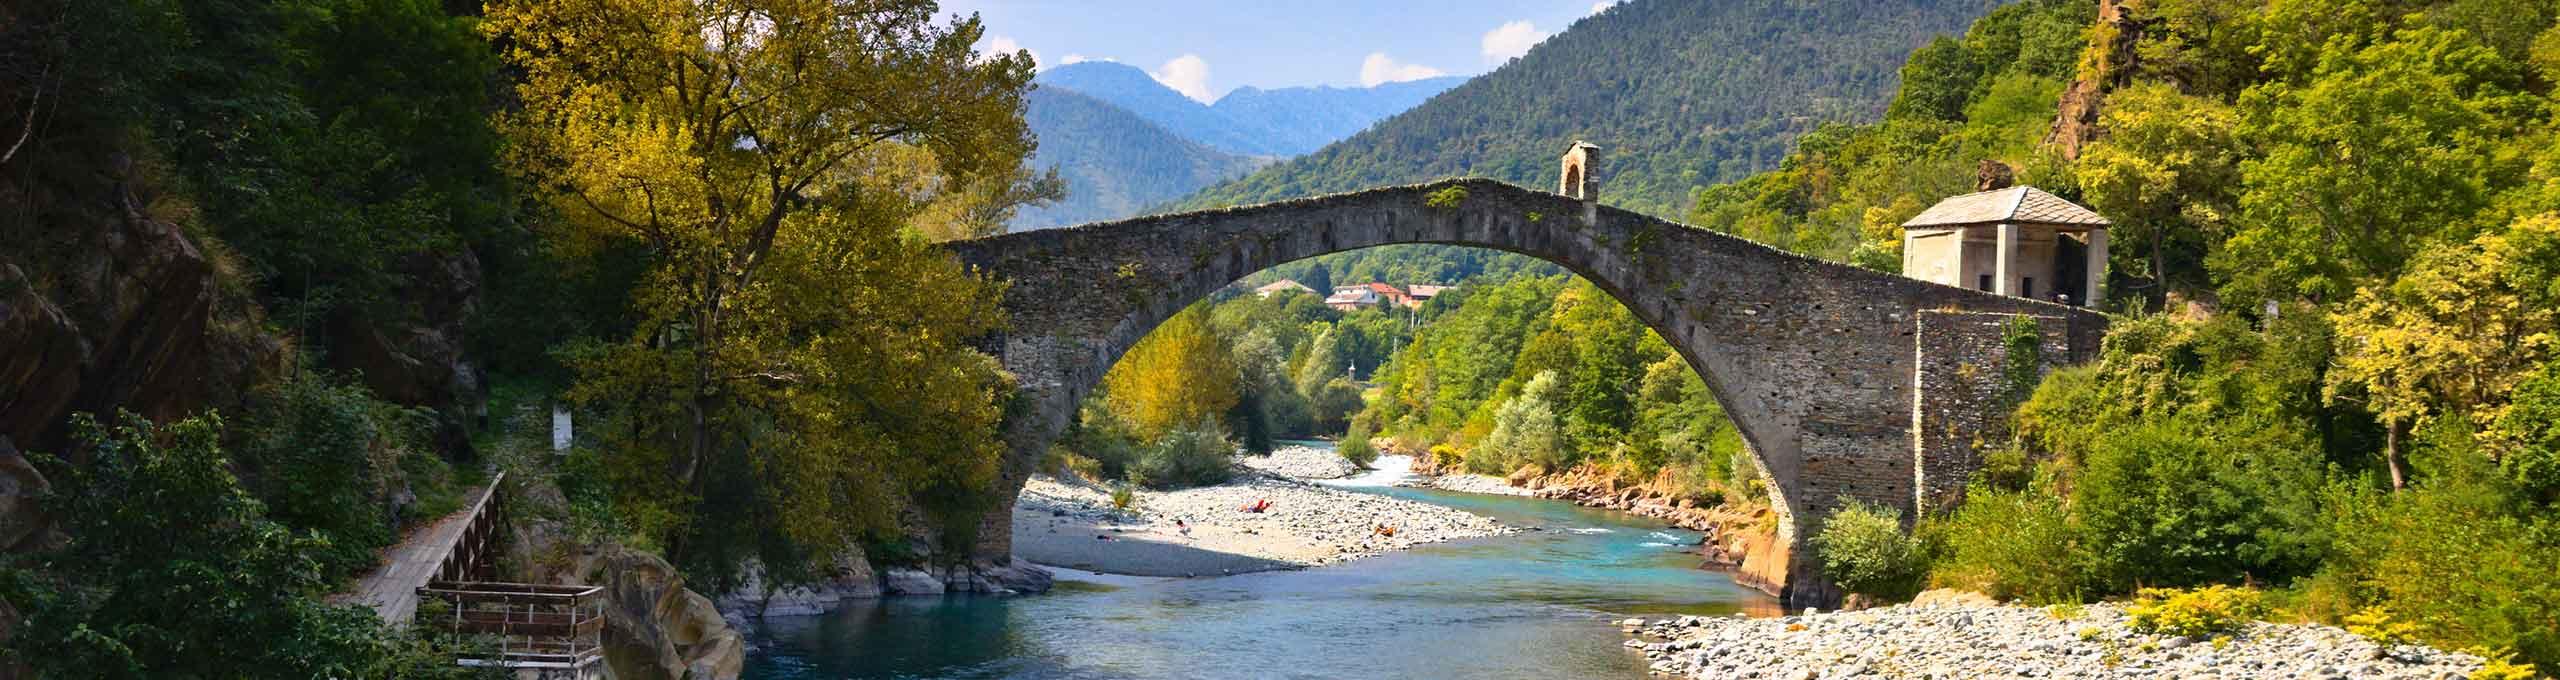 Lanzo Torinese, Ceronda e Casternone, Piemonte